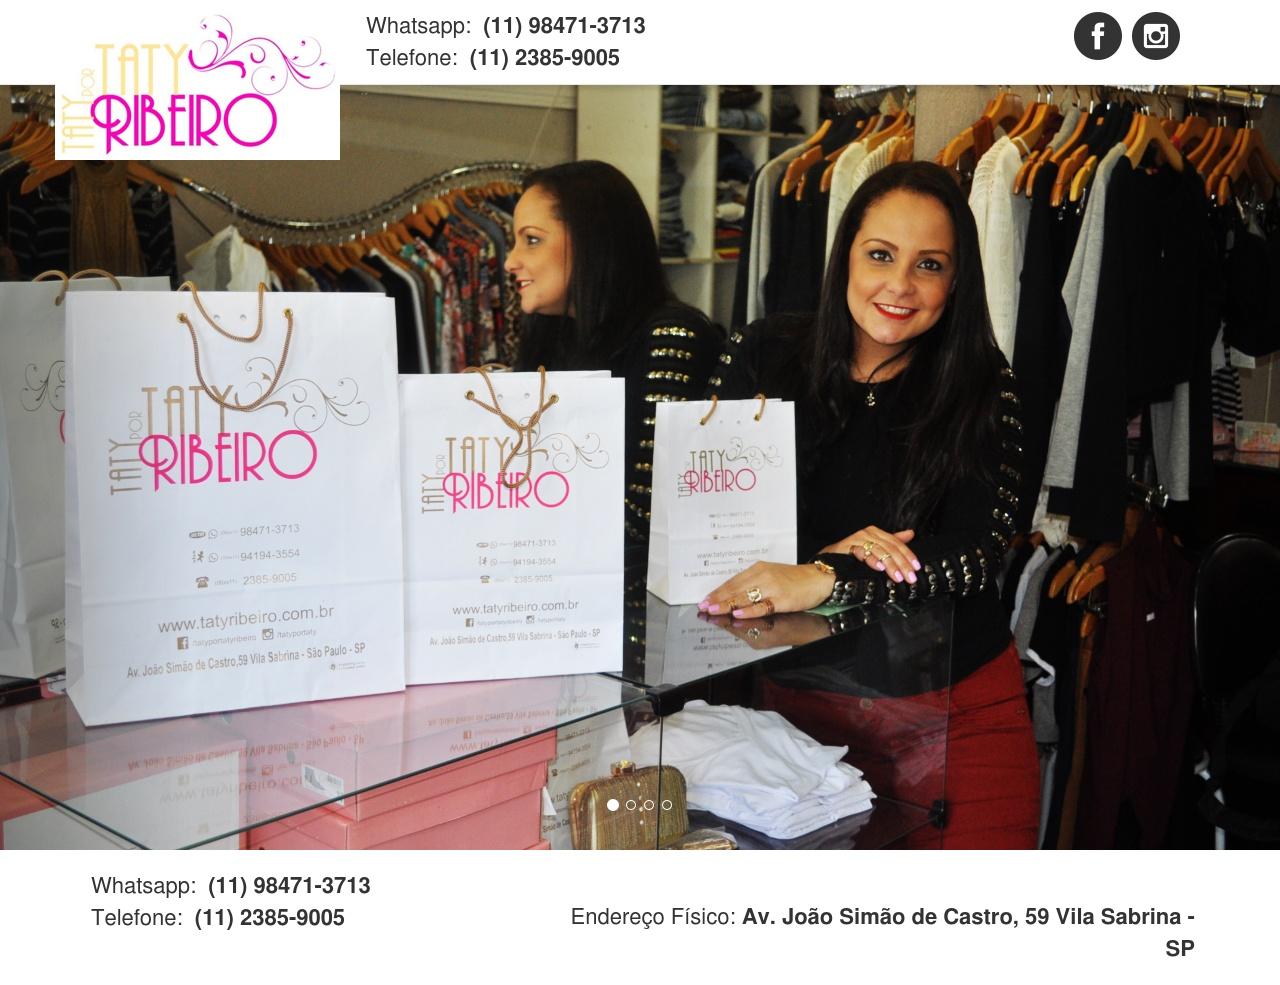 Imagem do projeto Taty Ribeiro